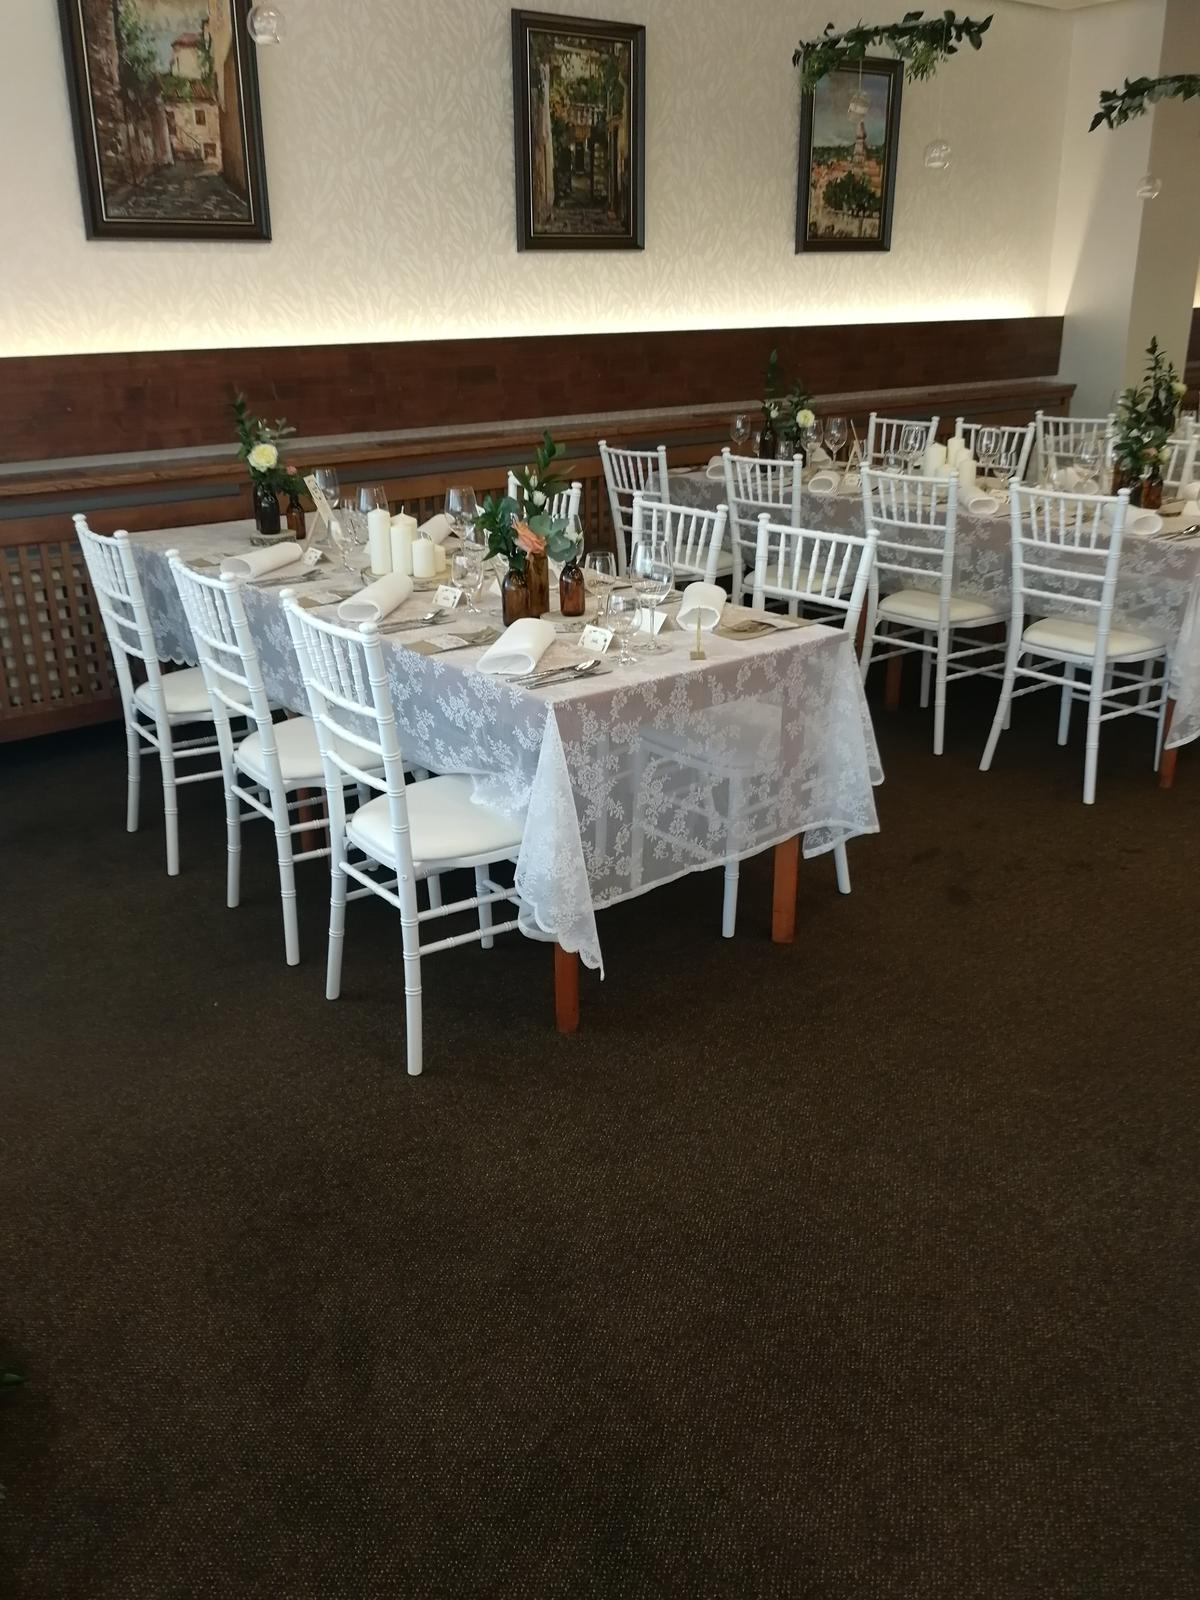 Chiavari stoličky,klubové taniere,zlatý príbor - biele chiavari stoličky ,čipkované obrusy, hnedé vázičky